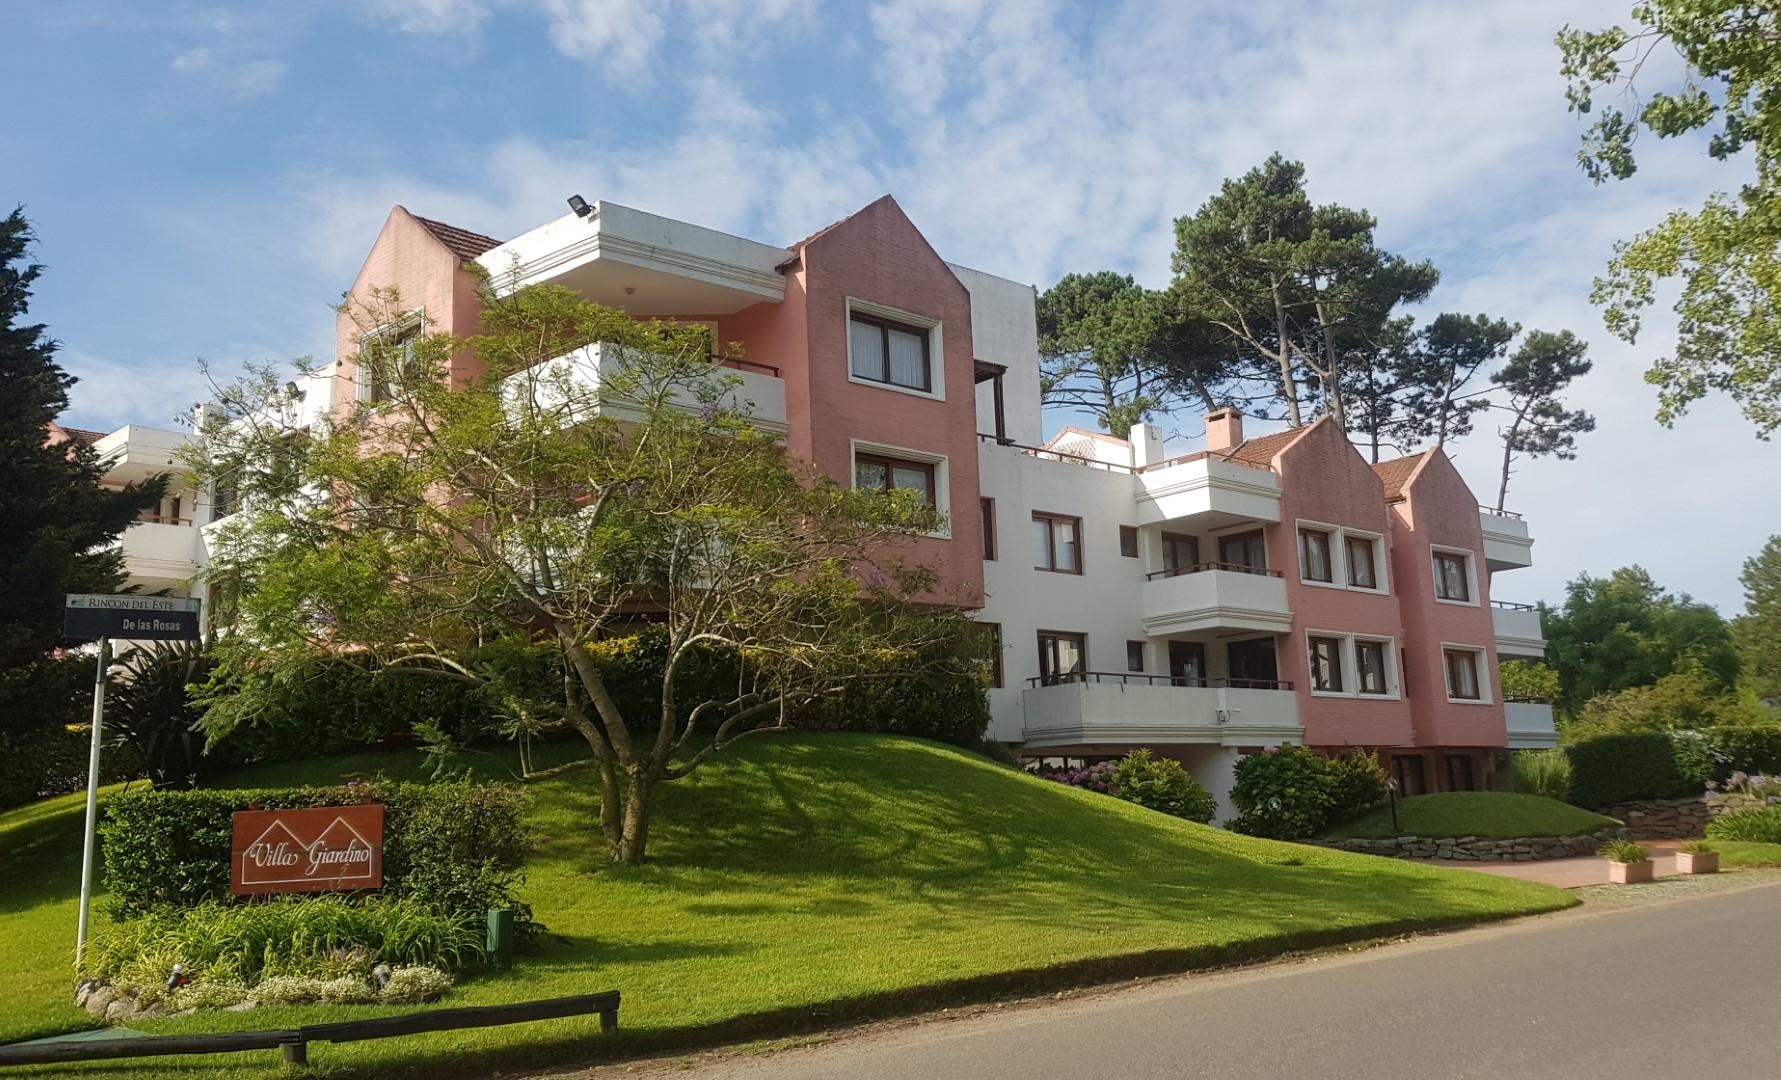 Buena compra: Amplio apartamento de 3 dormitorios a 2 cuadras de la playa Brava